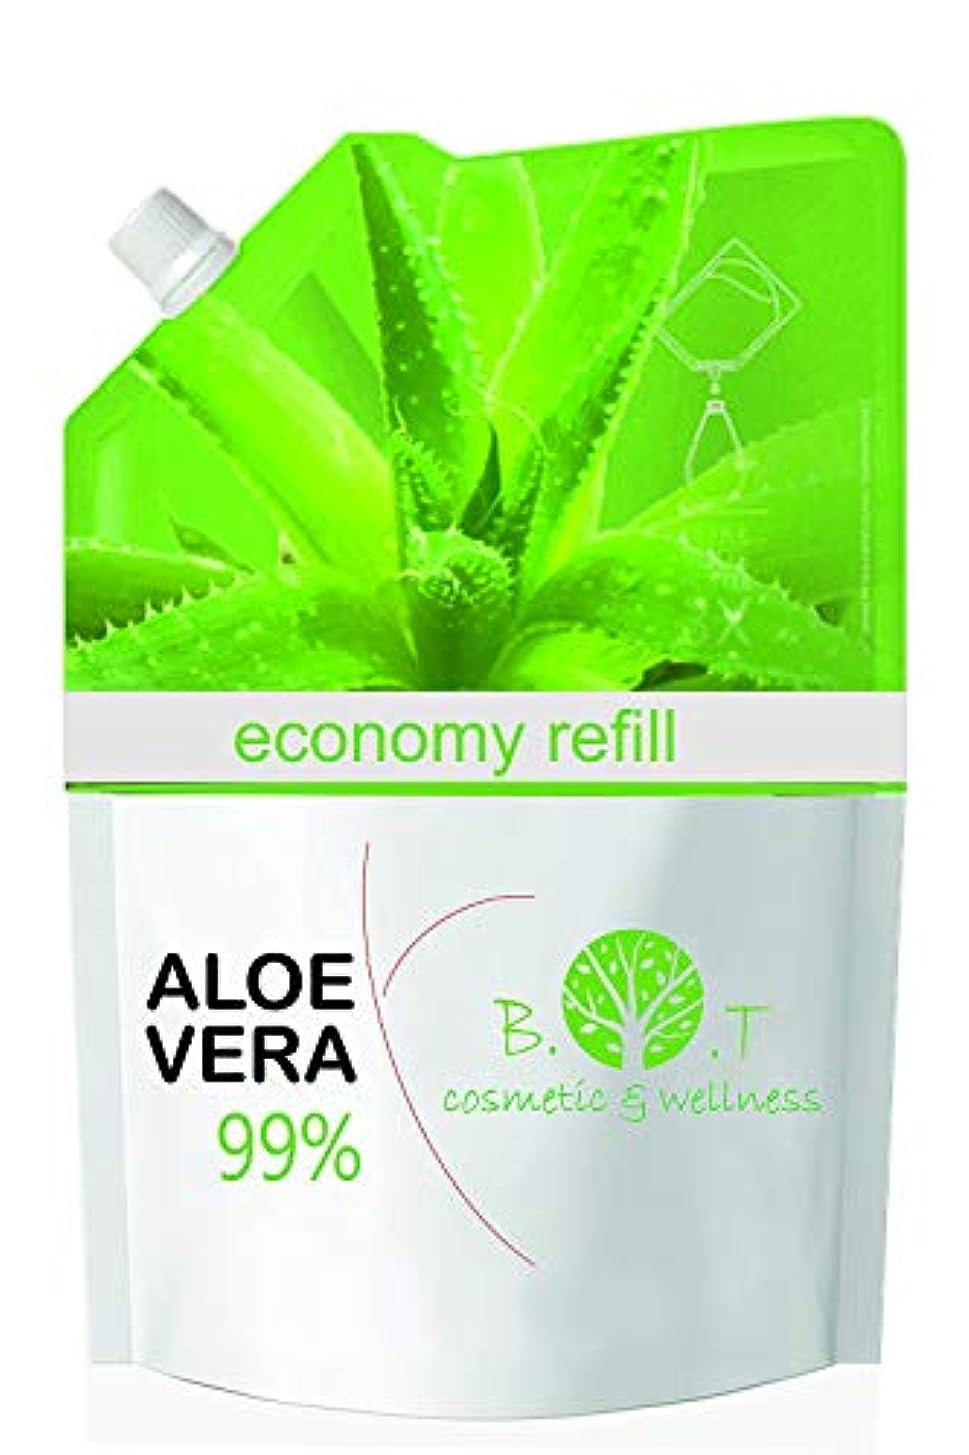 経済的な詰め替えアロエベラジェルカナリアからの純粋な新鮮なアロエジュース99%100%天然100%